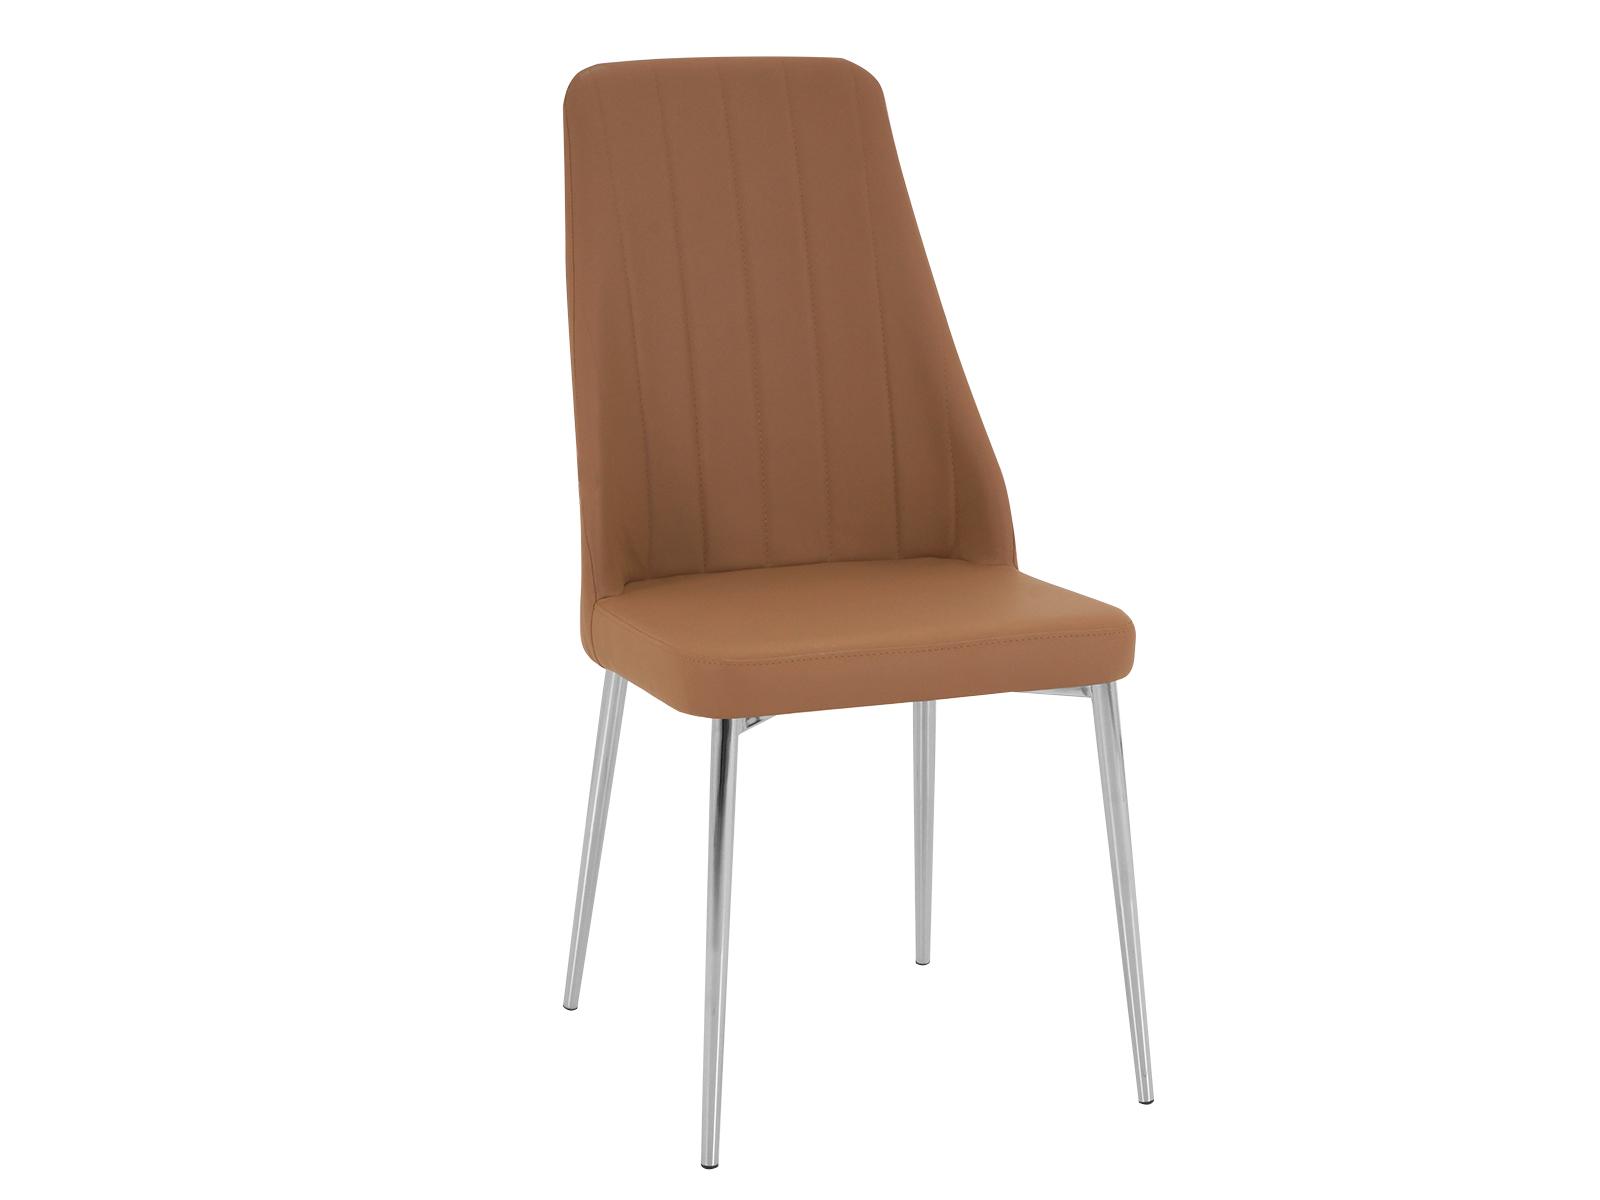 Стул ShermanСтулья<br>Стул на металлокаркасе, спинка и сиденье обиты экокожей. Спинка оформлена декоративной строчкой.<br>